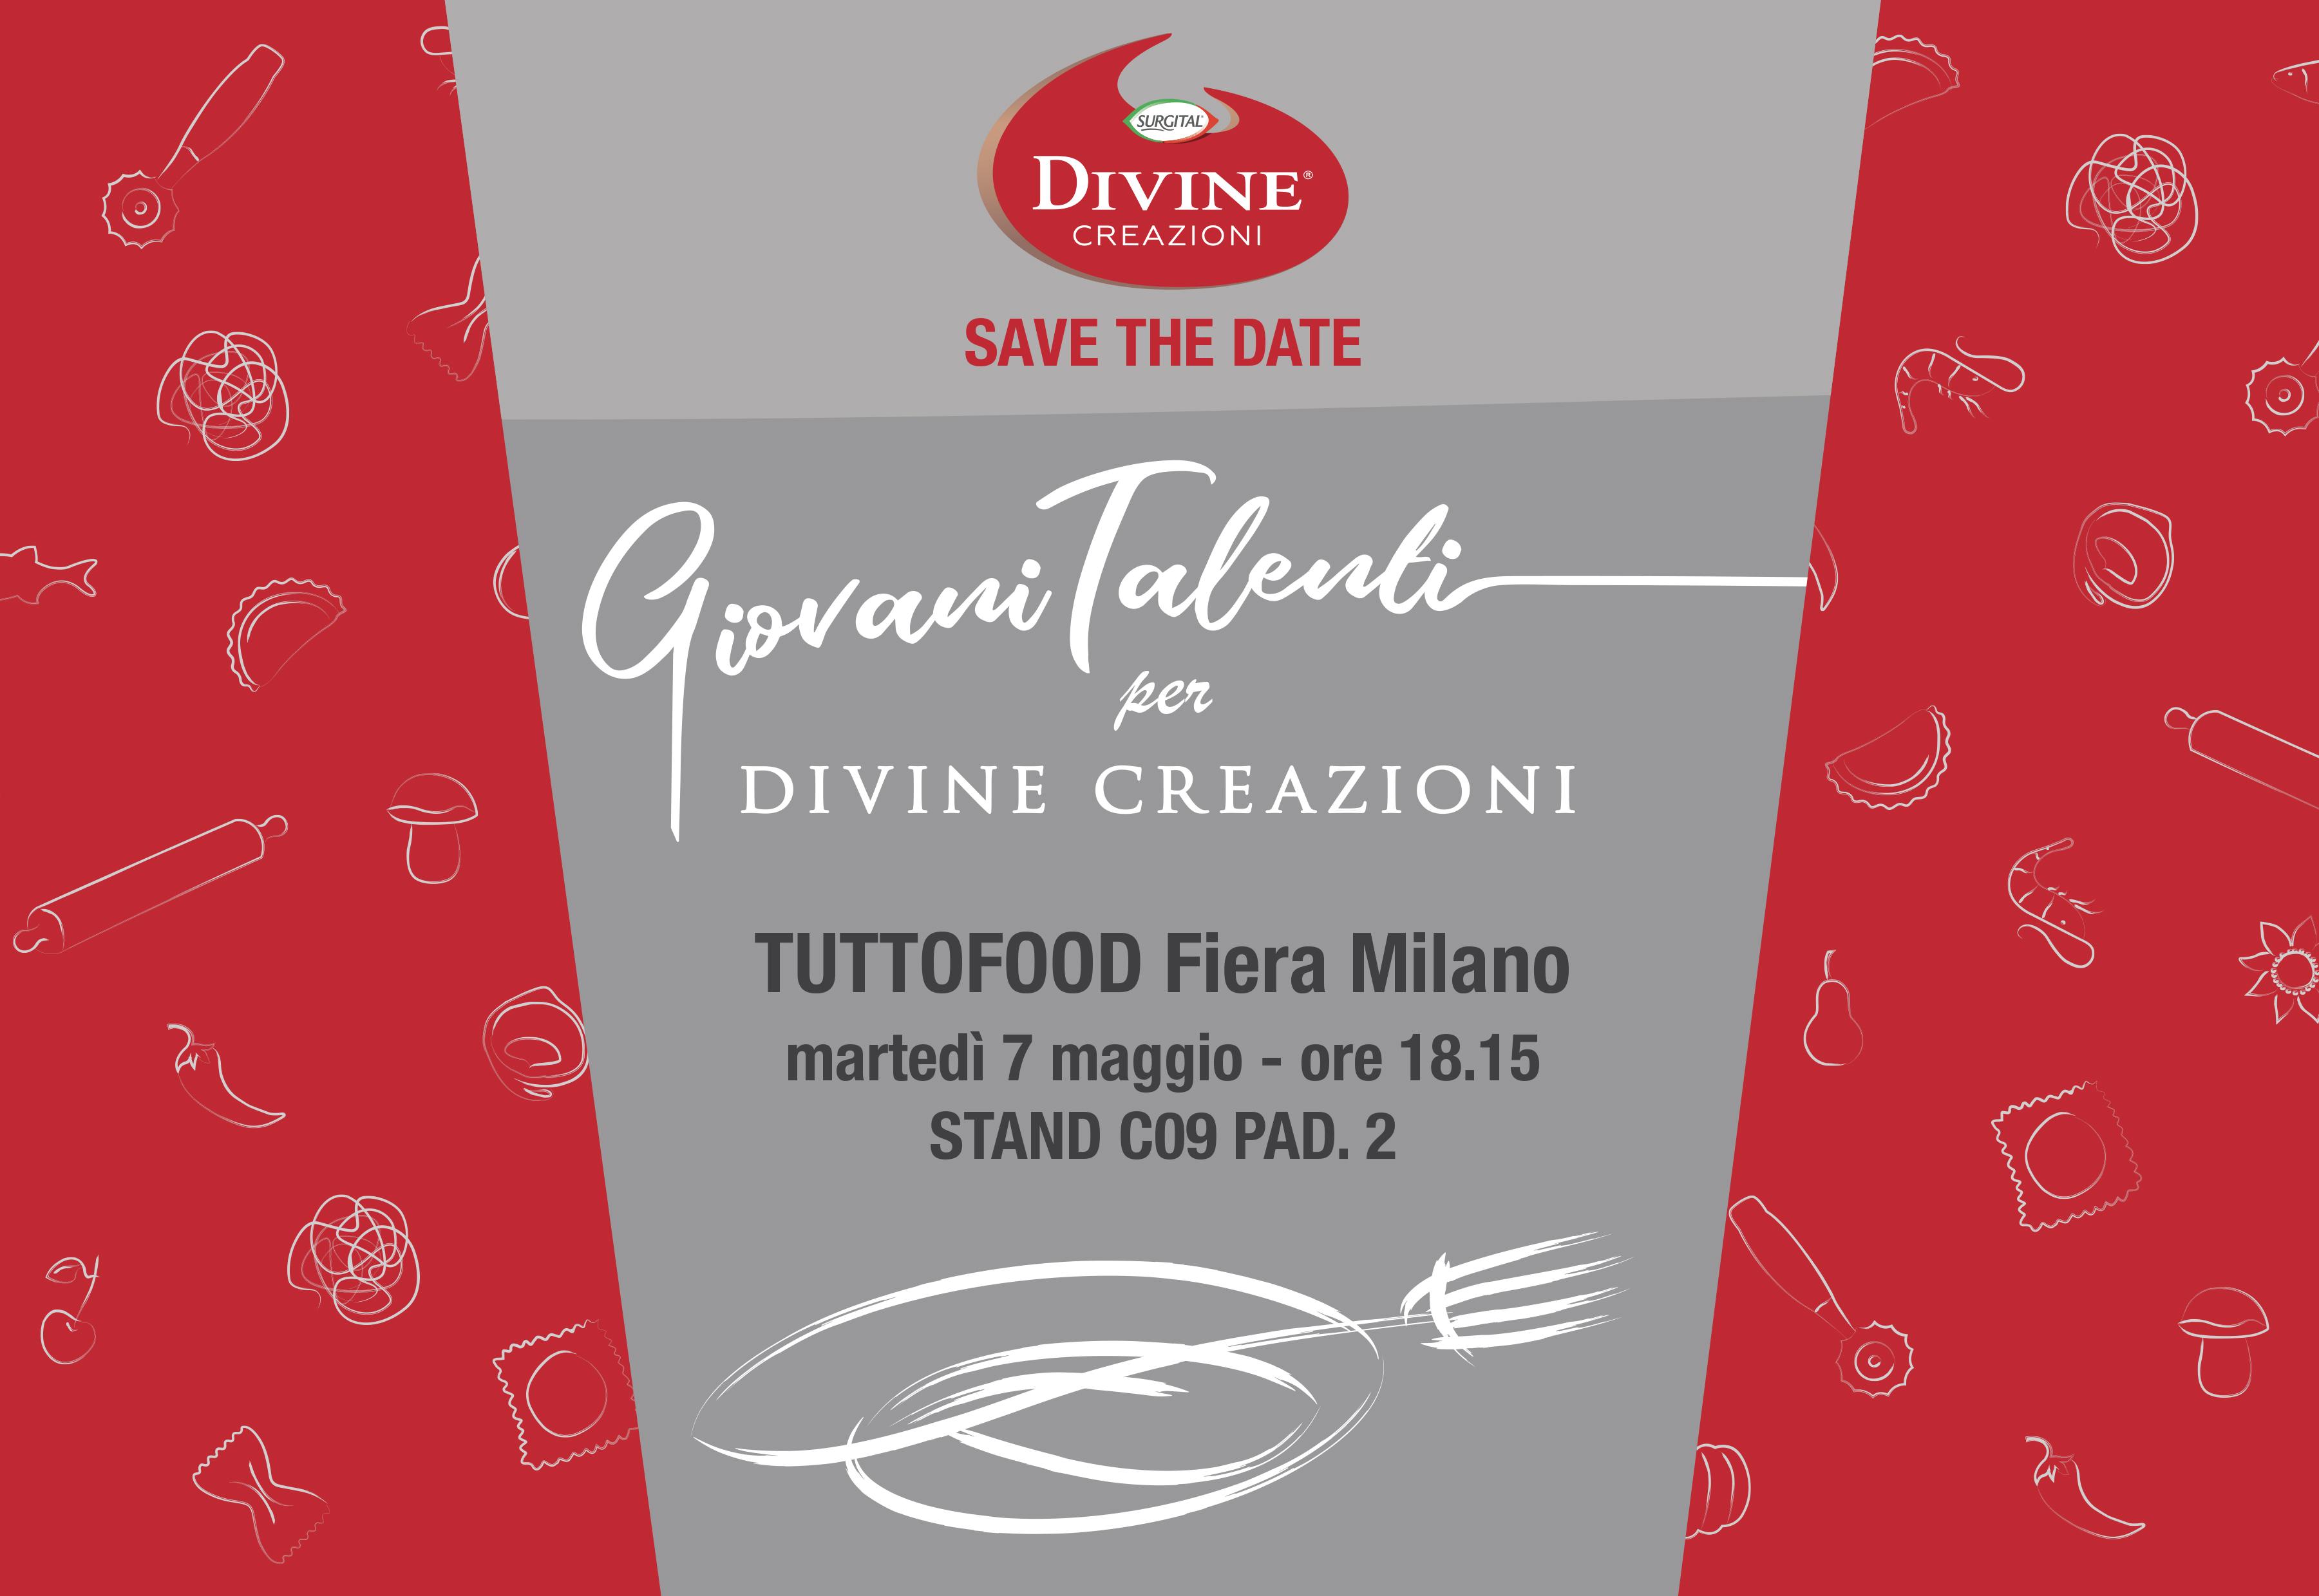 Giovani Talenti TuttoFood Milano